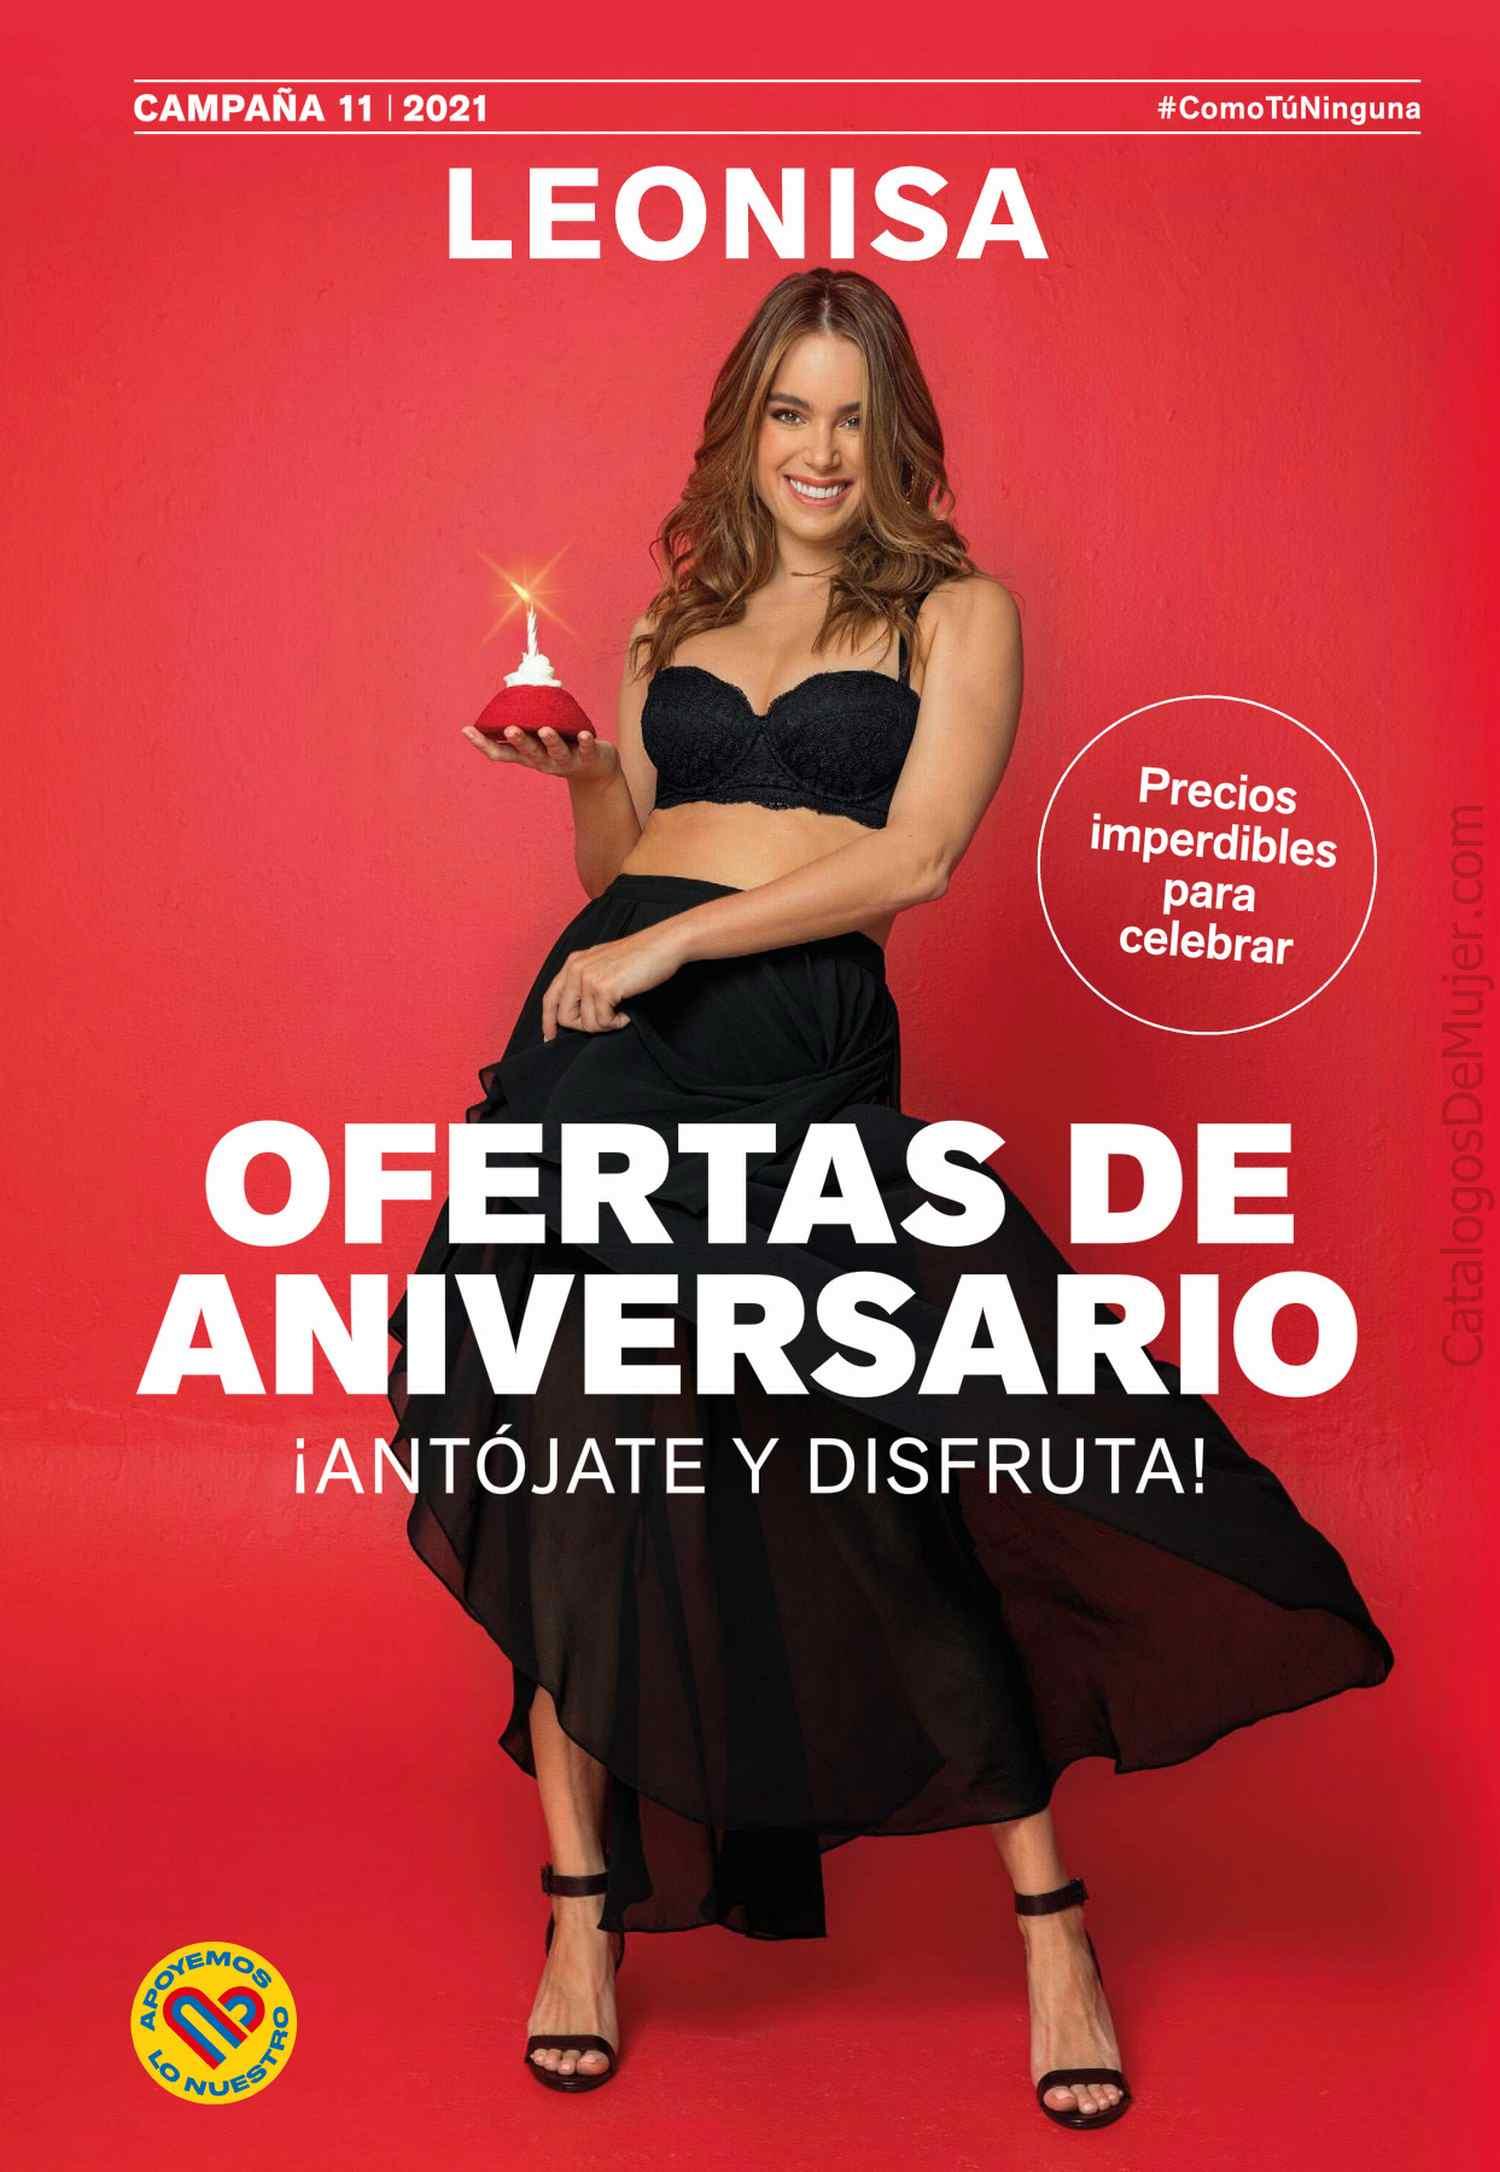 Catálogo Leonisa Campaña 11 2021 Colombia